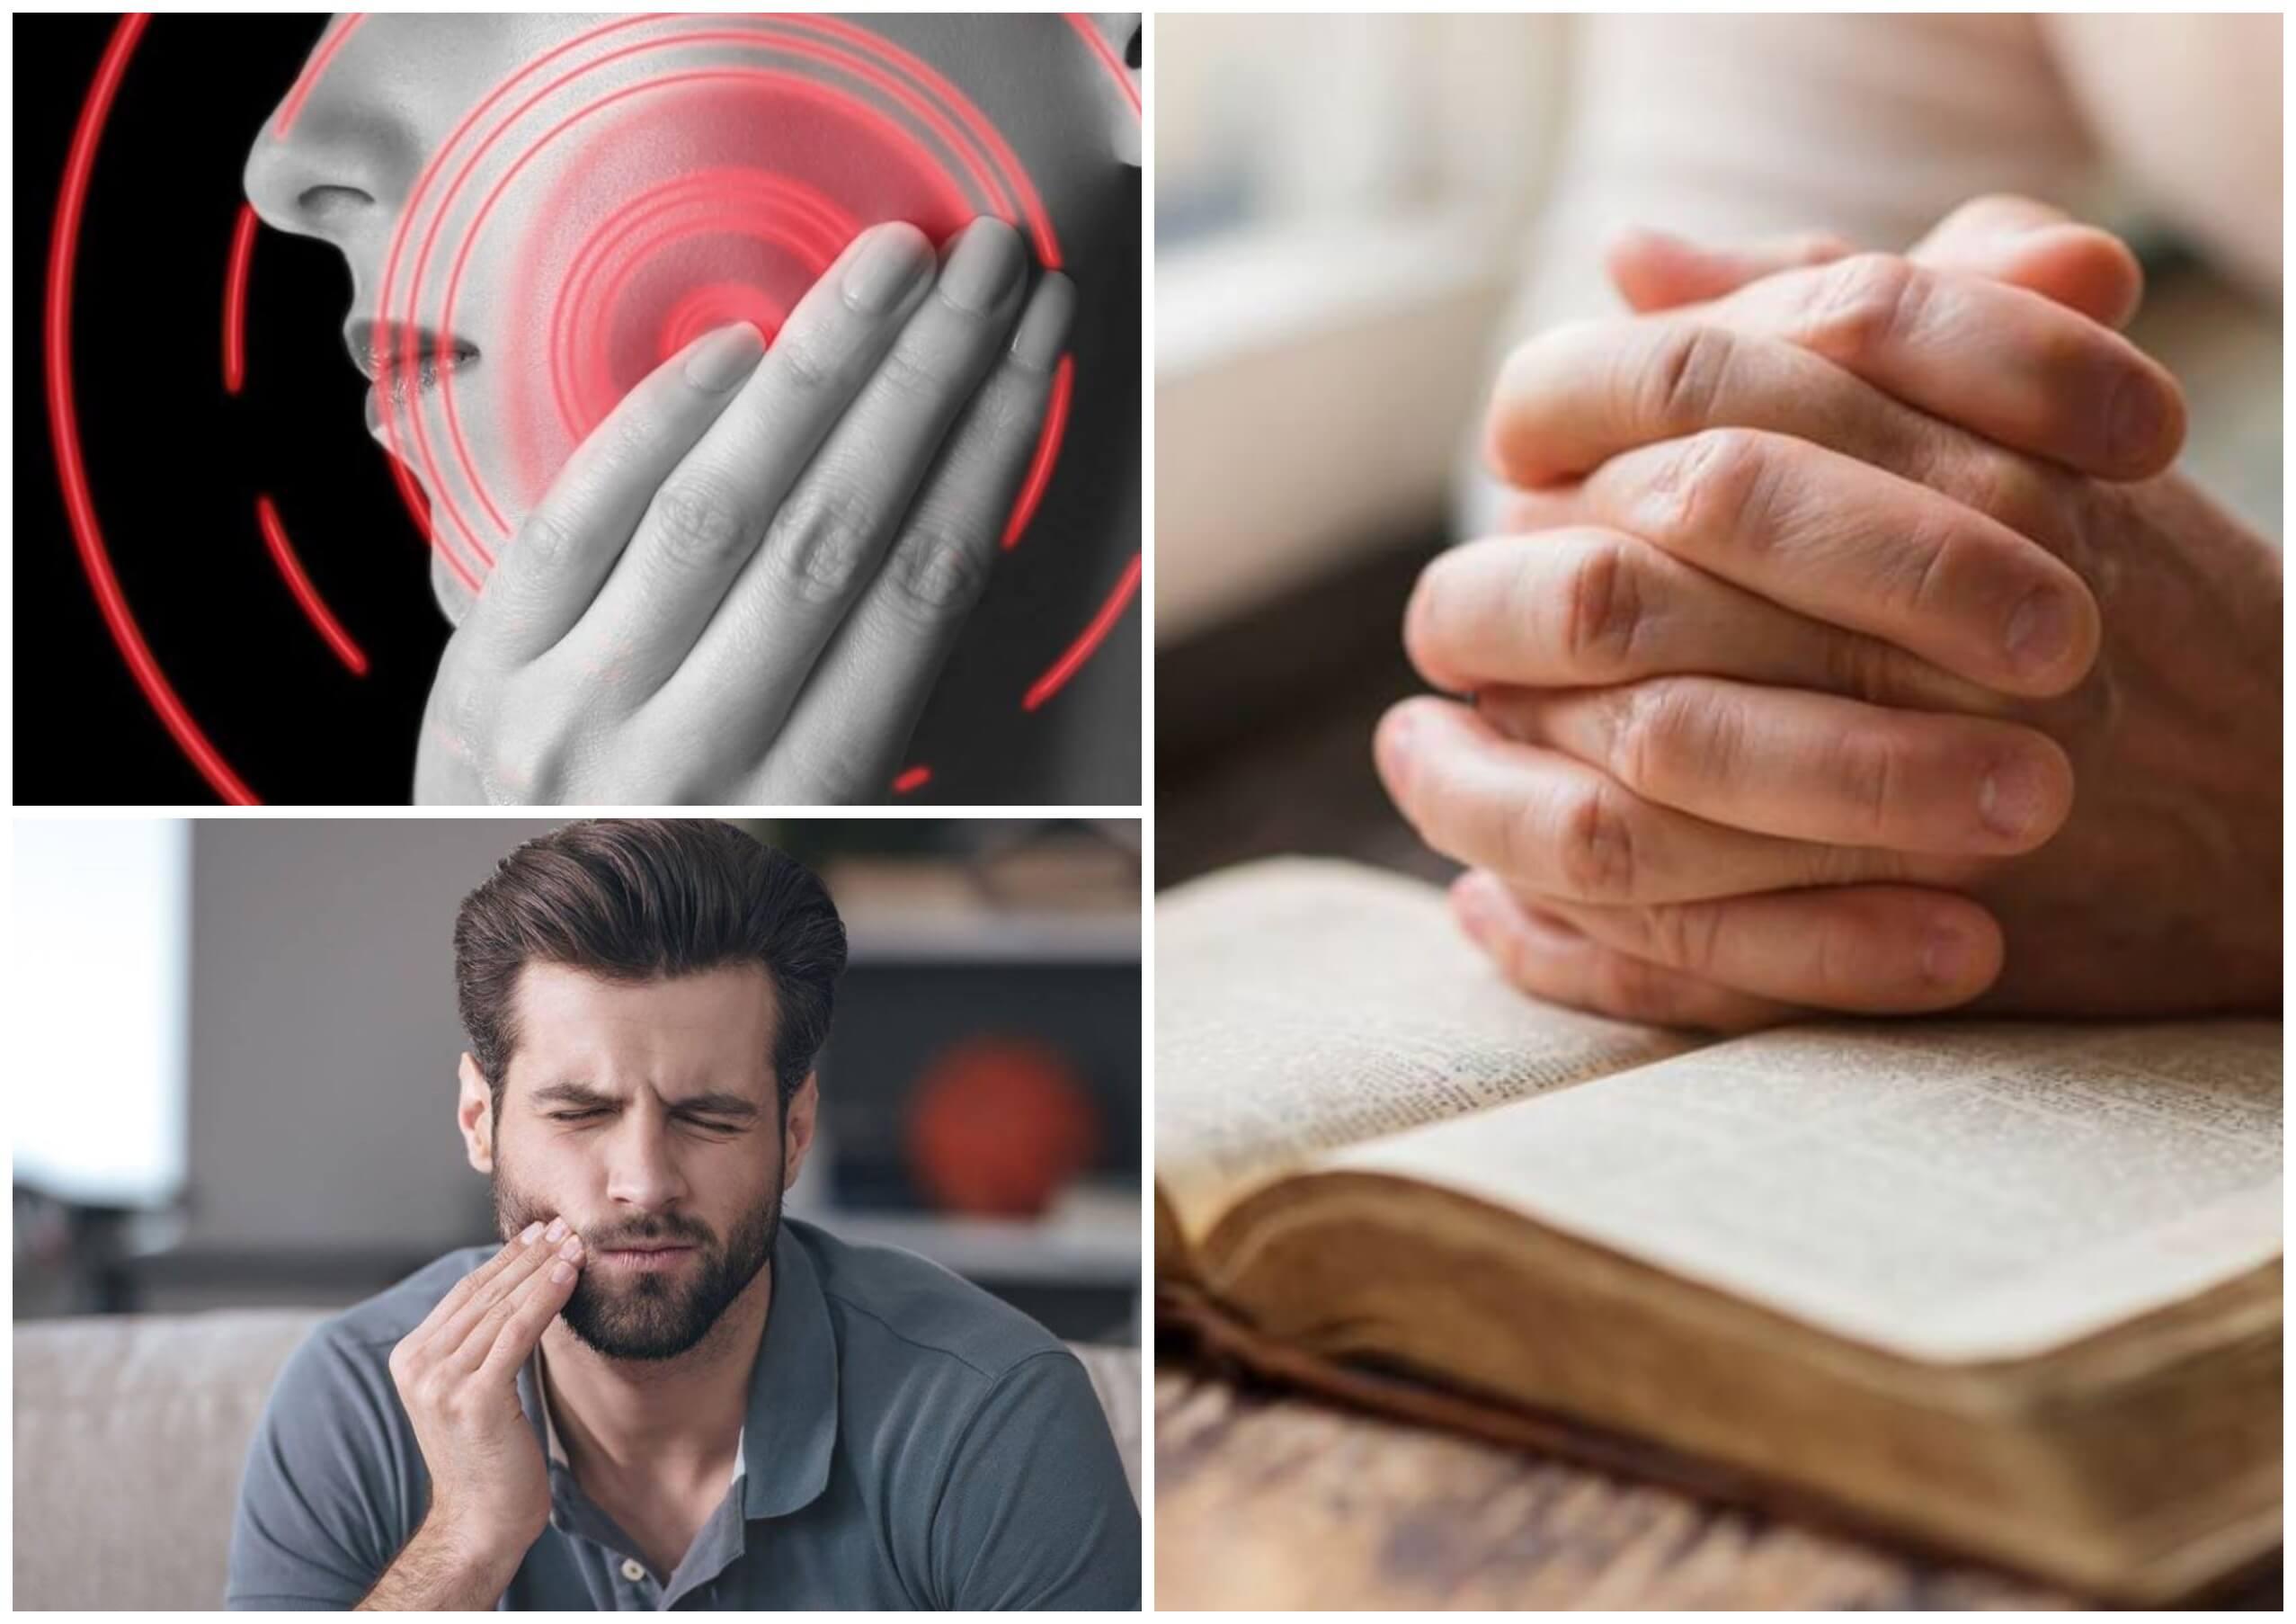 На фото изображены руки человека, который молится и зубная боль.